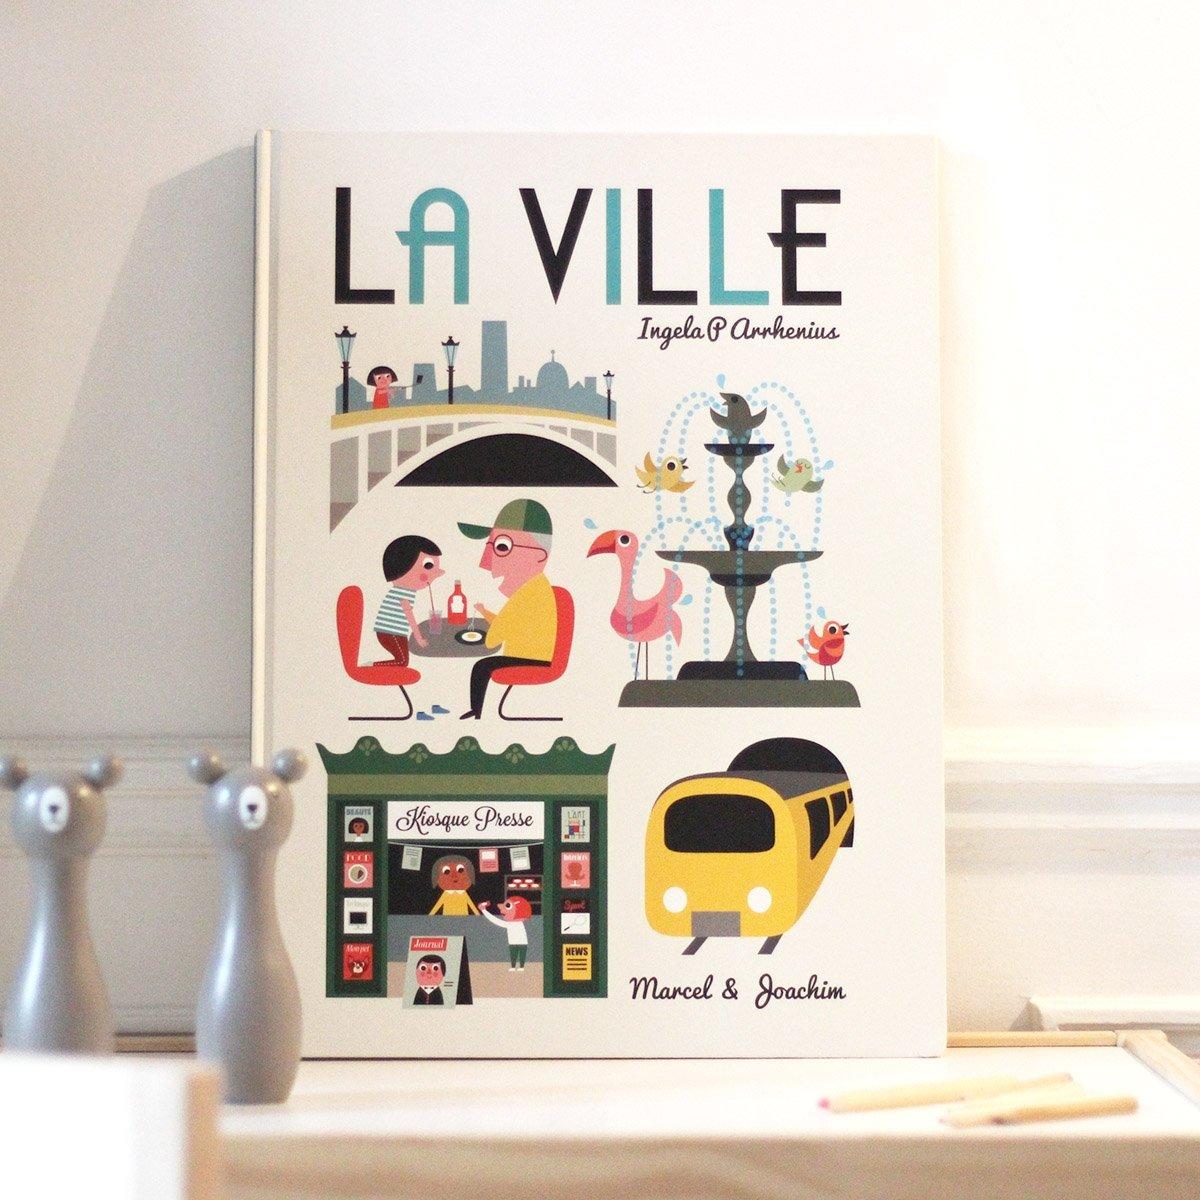 La ville by Ingela Arrhenius